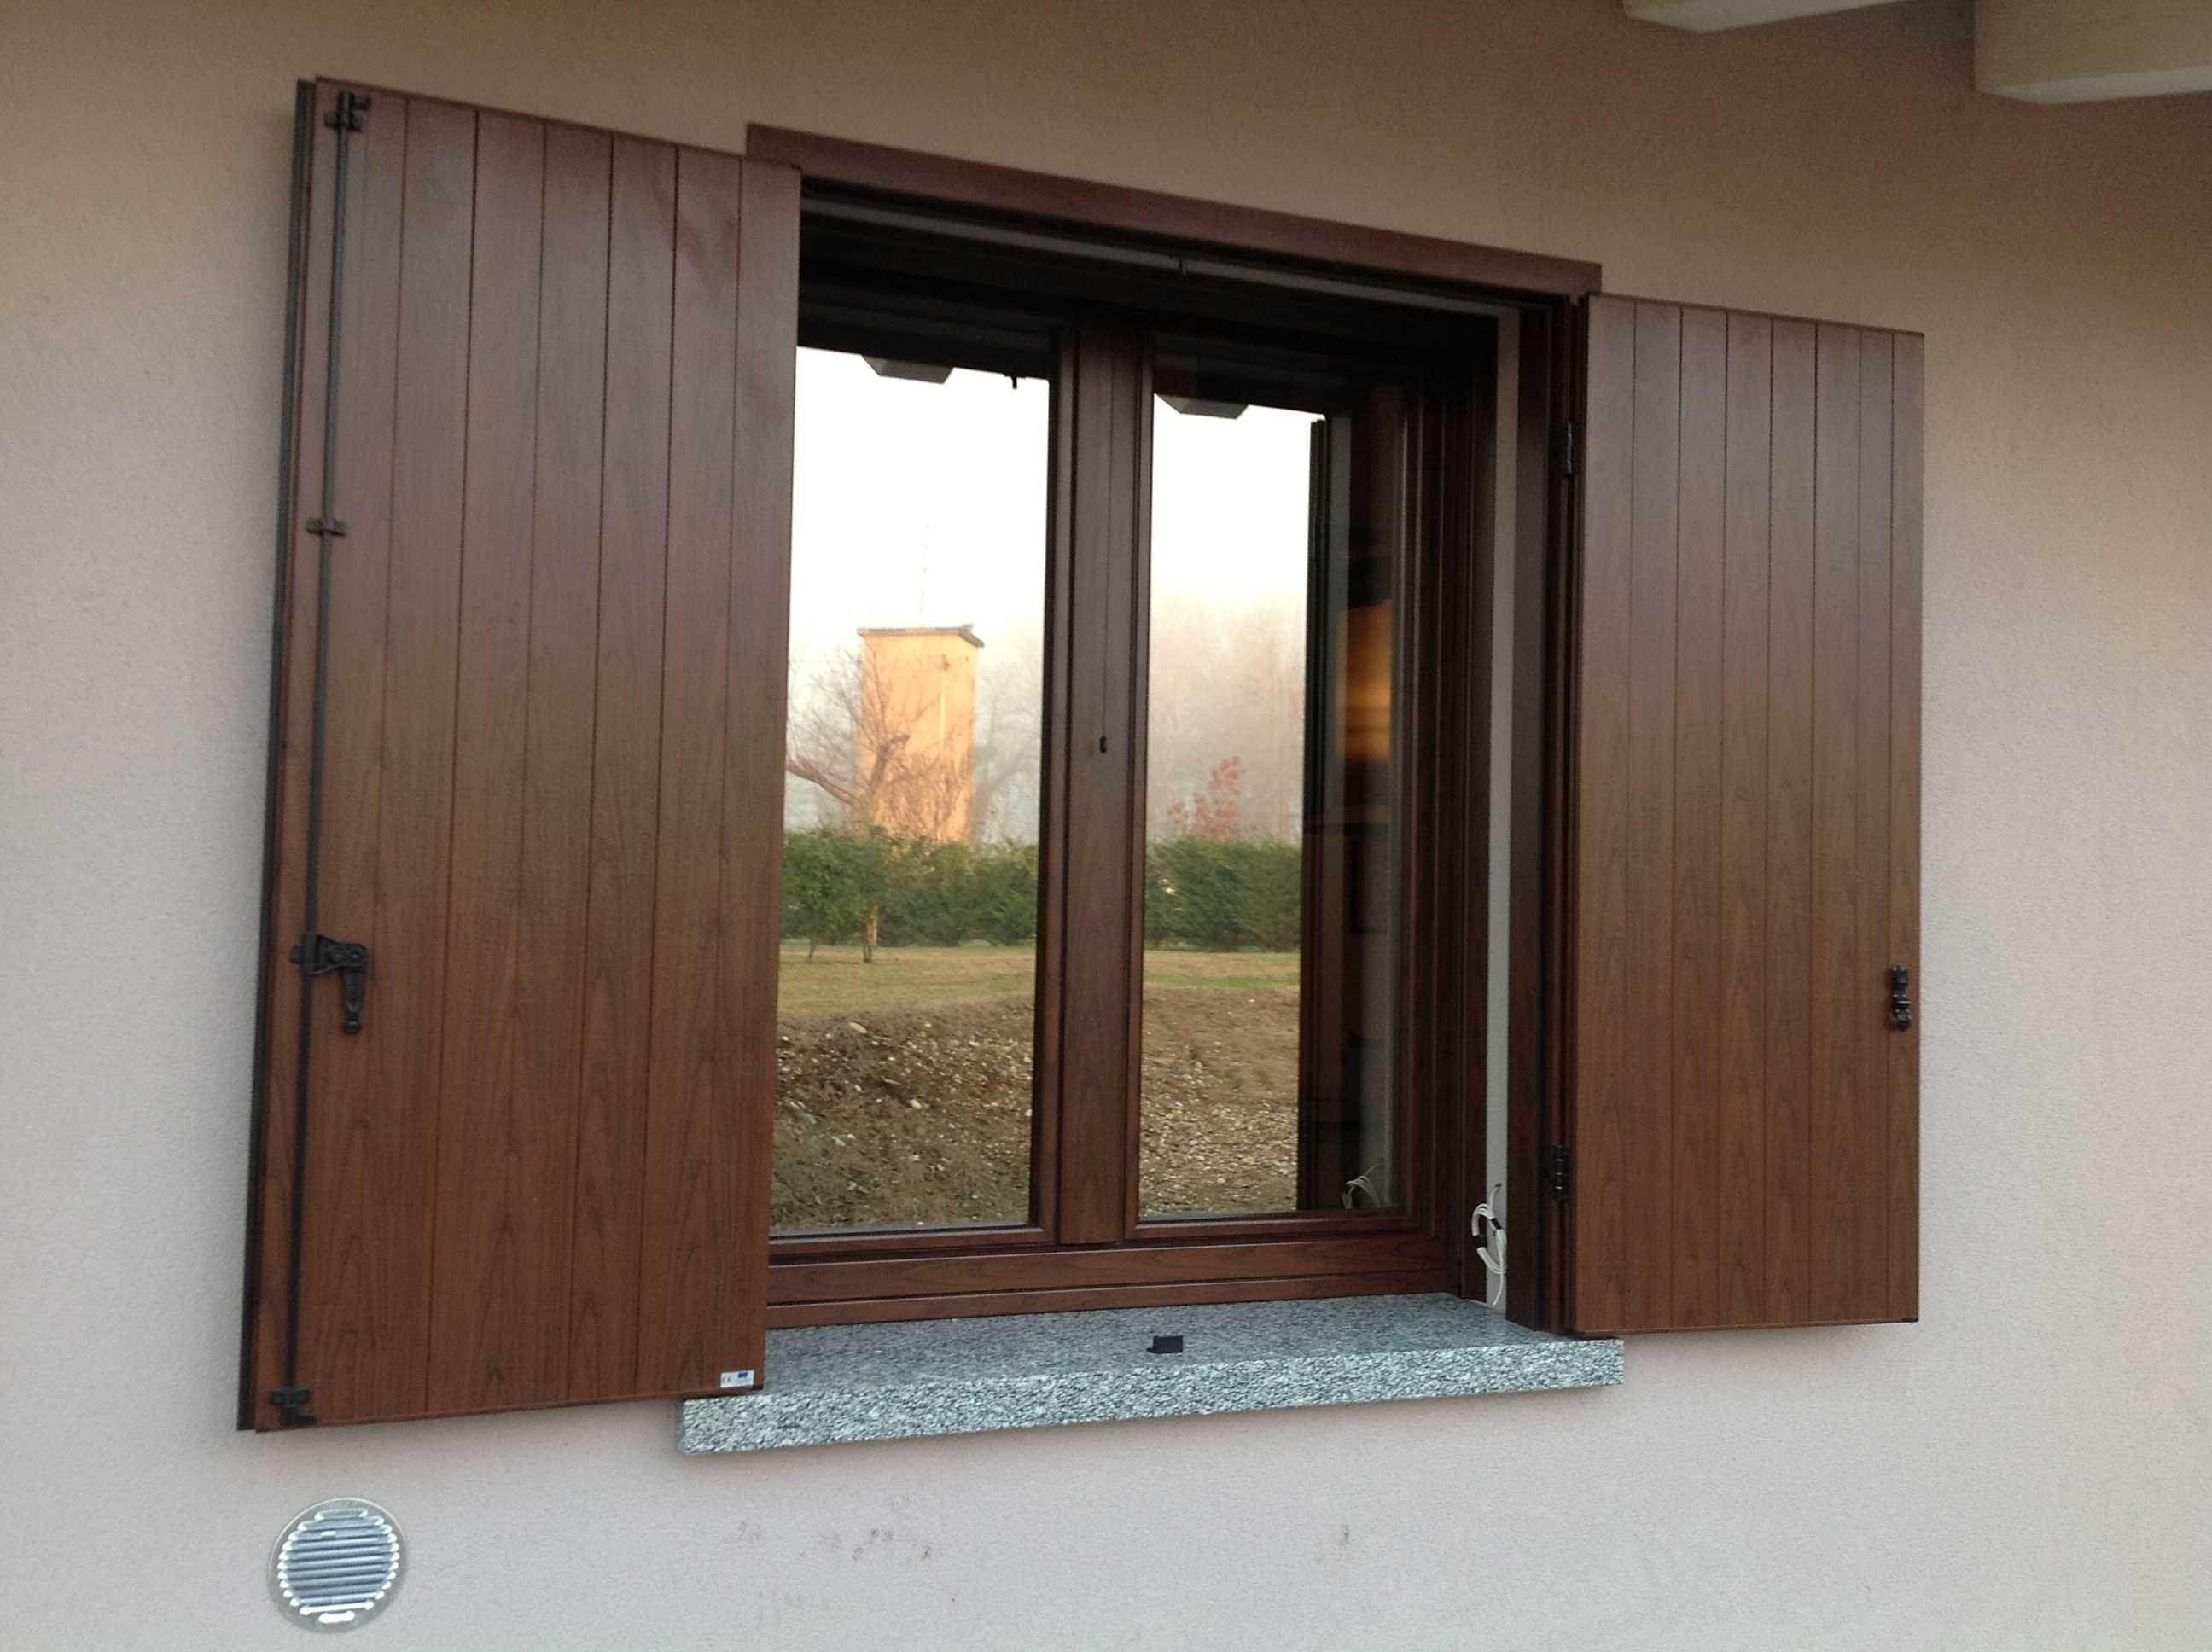 Alberti serramenti porte e finestre made in italy - Finestre all americana ...